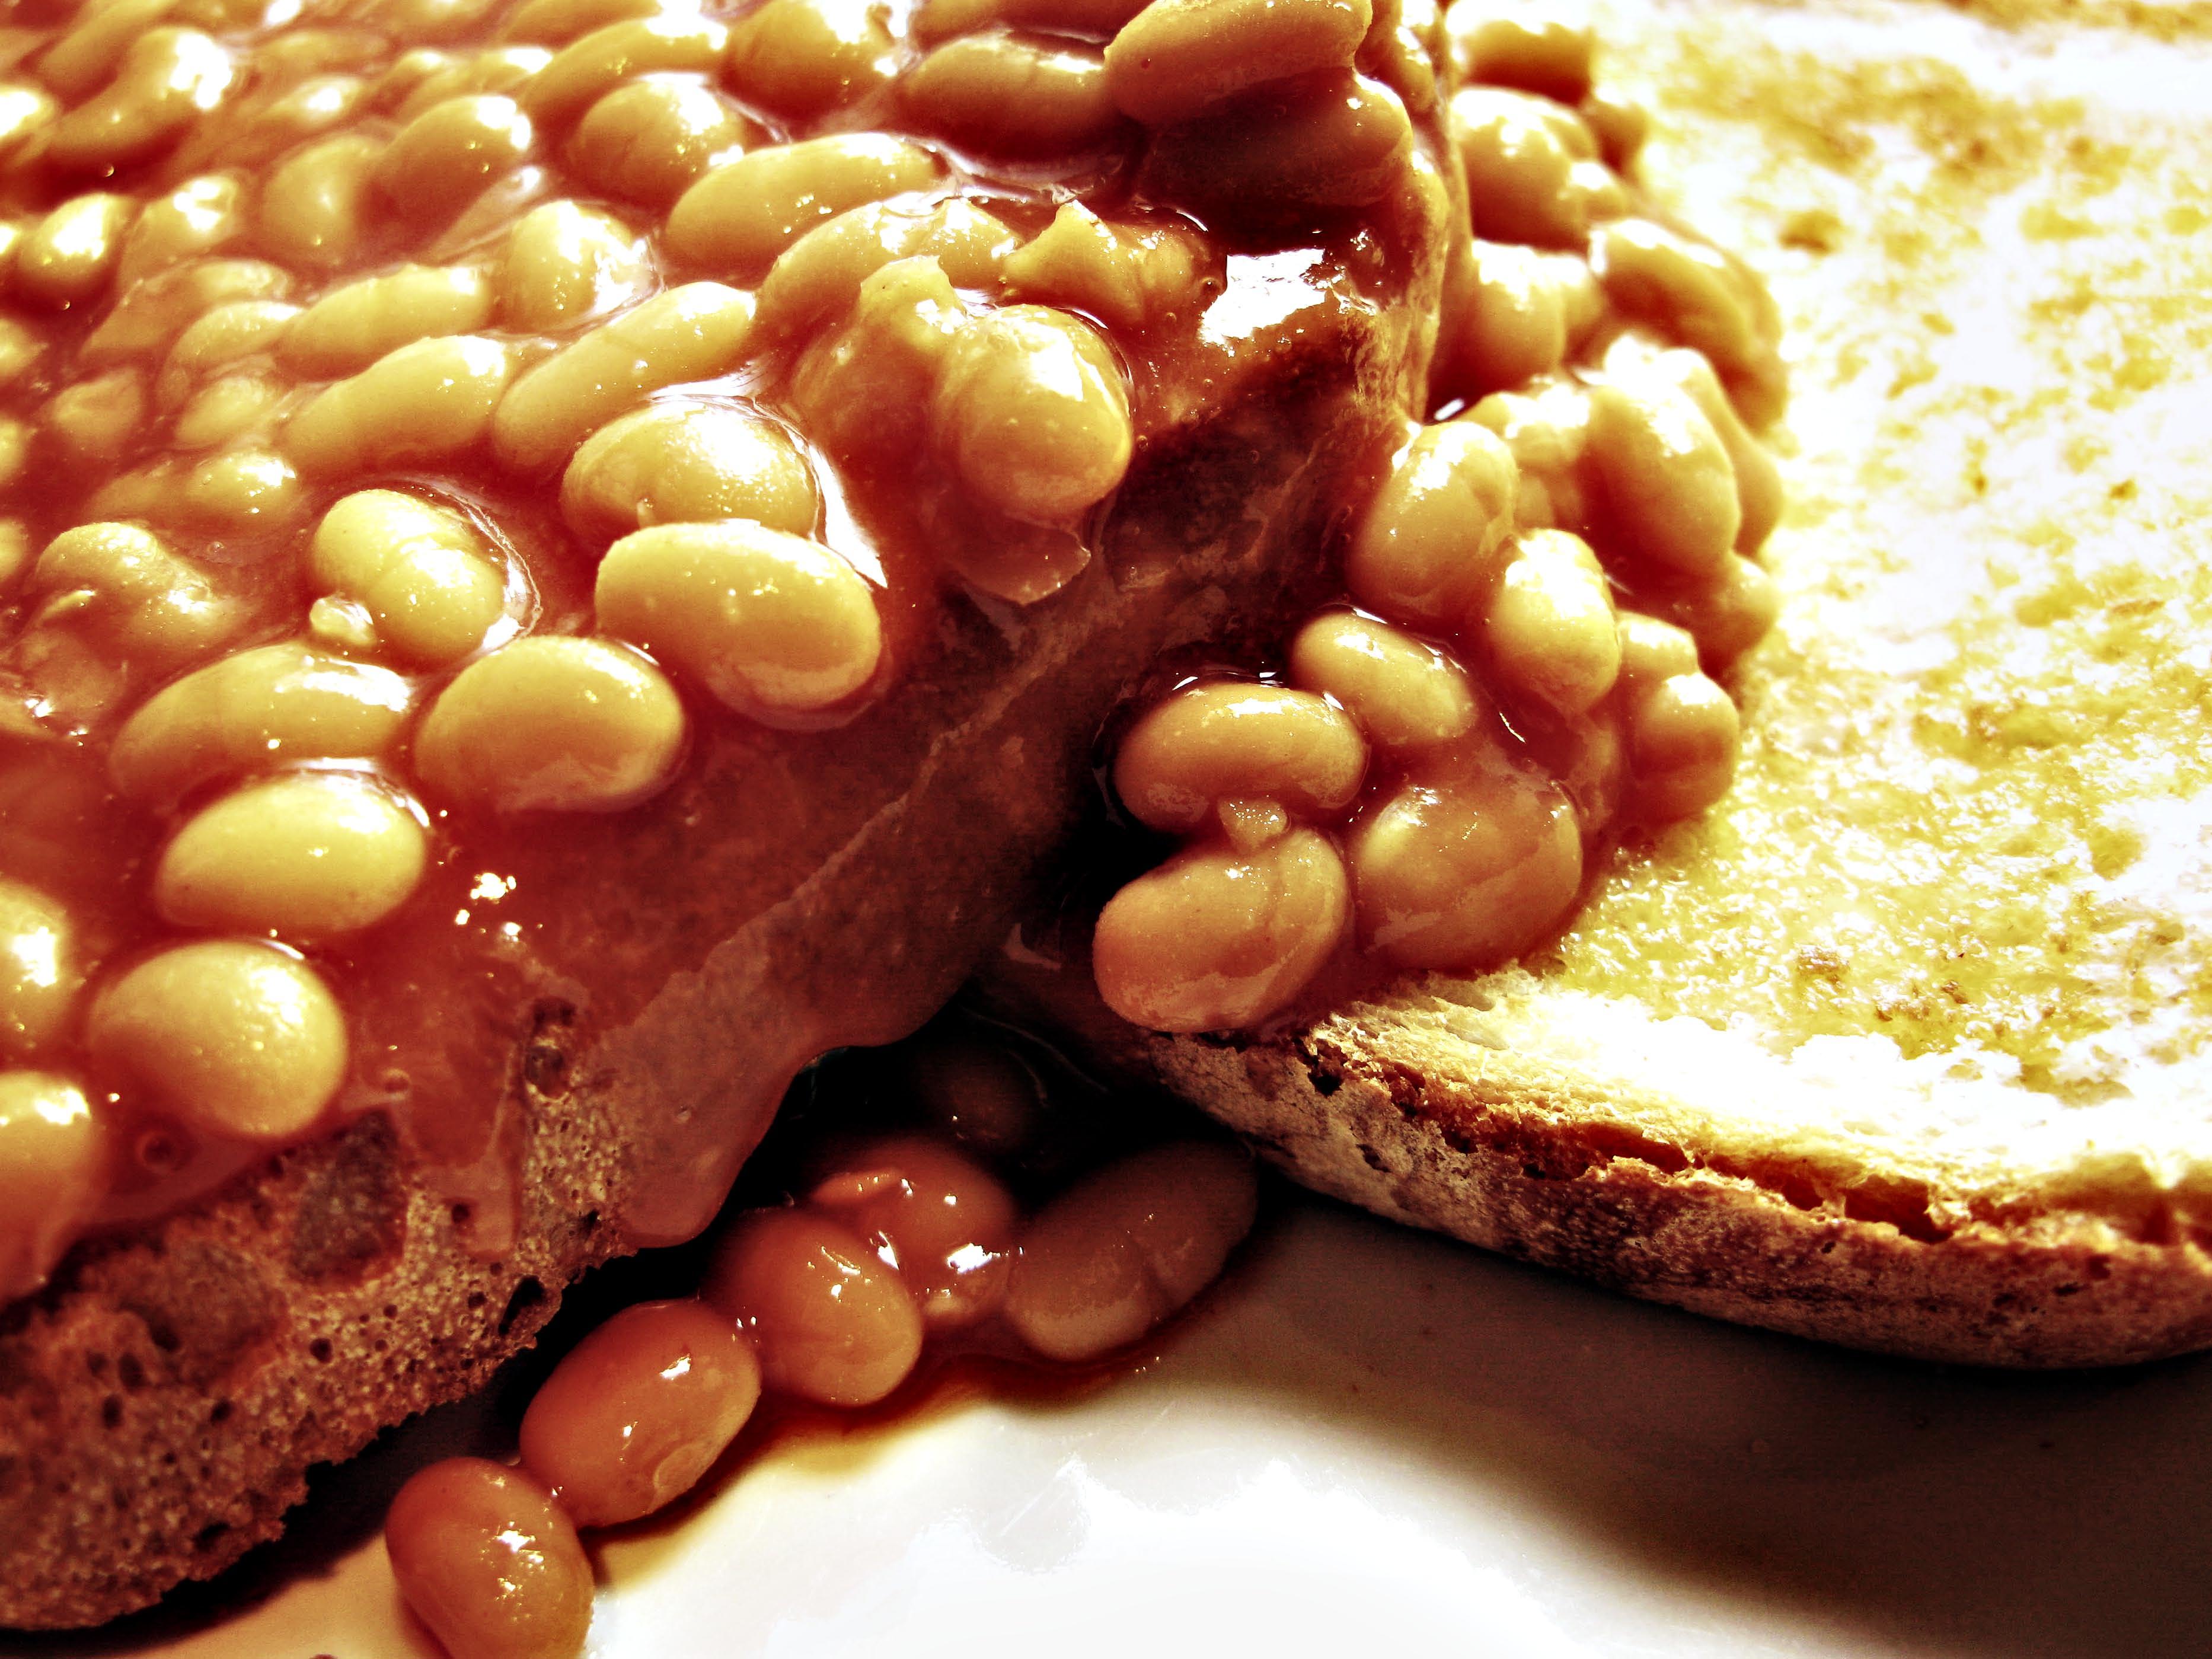 File:beans on Toast.jpg